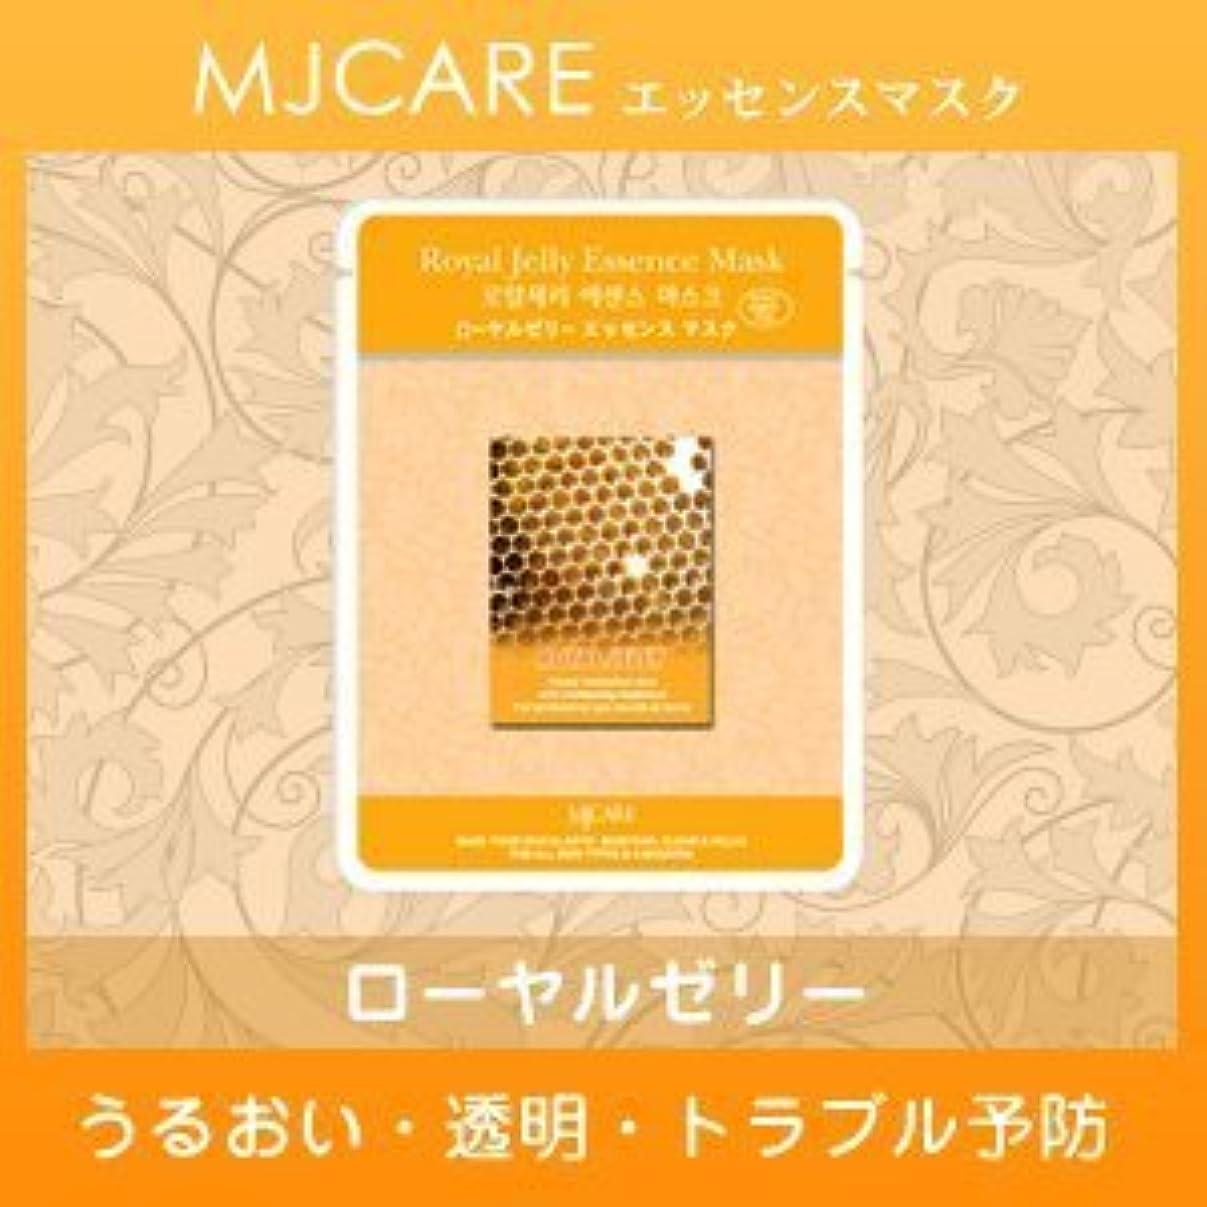 インフルエンザ足音感度MJCARE (エムジェイケア) ローヤルゼリー エッセンスマスク (10枚セット)